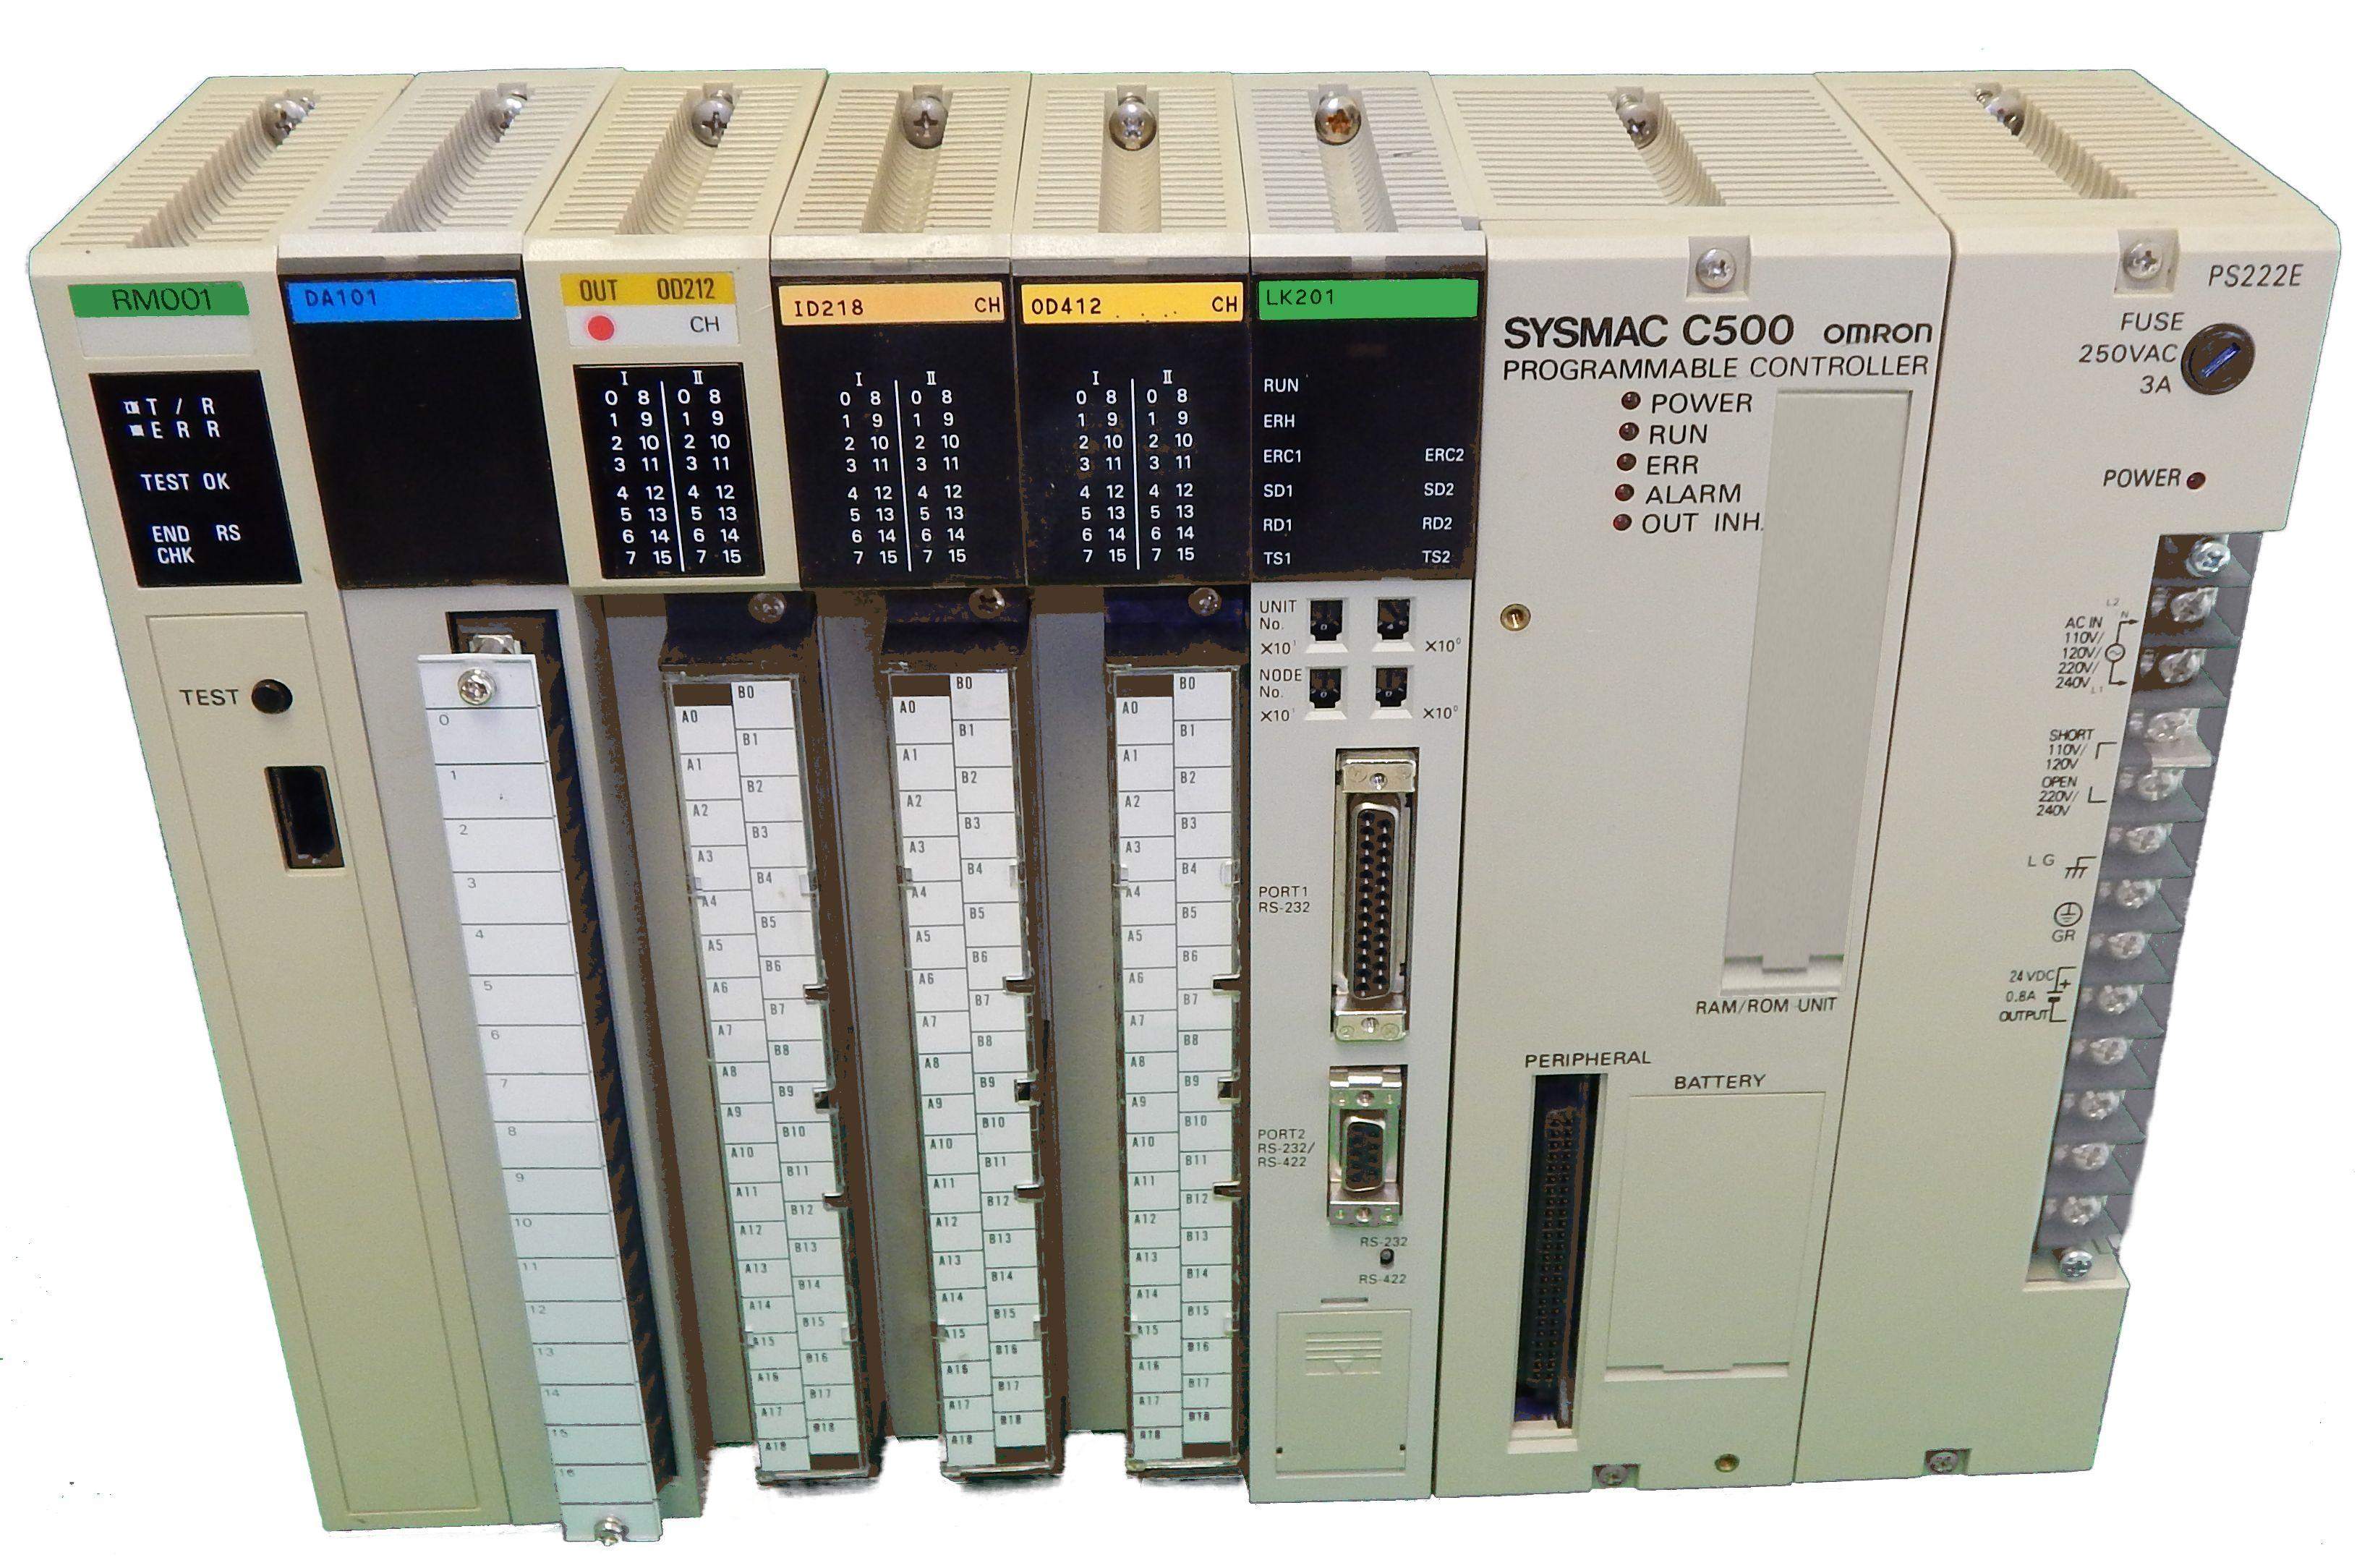 3G2A5-RT001-EV1